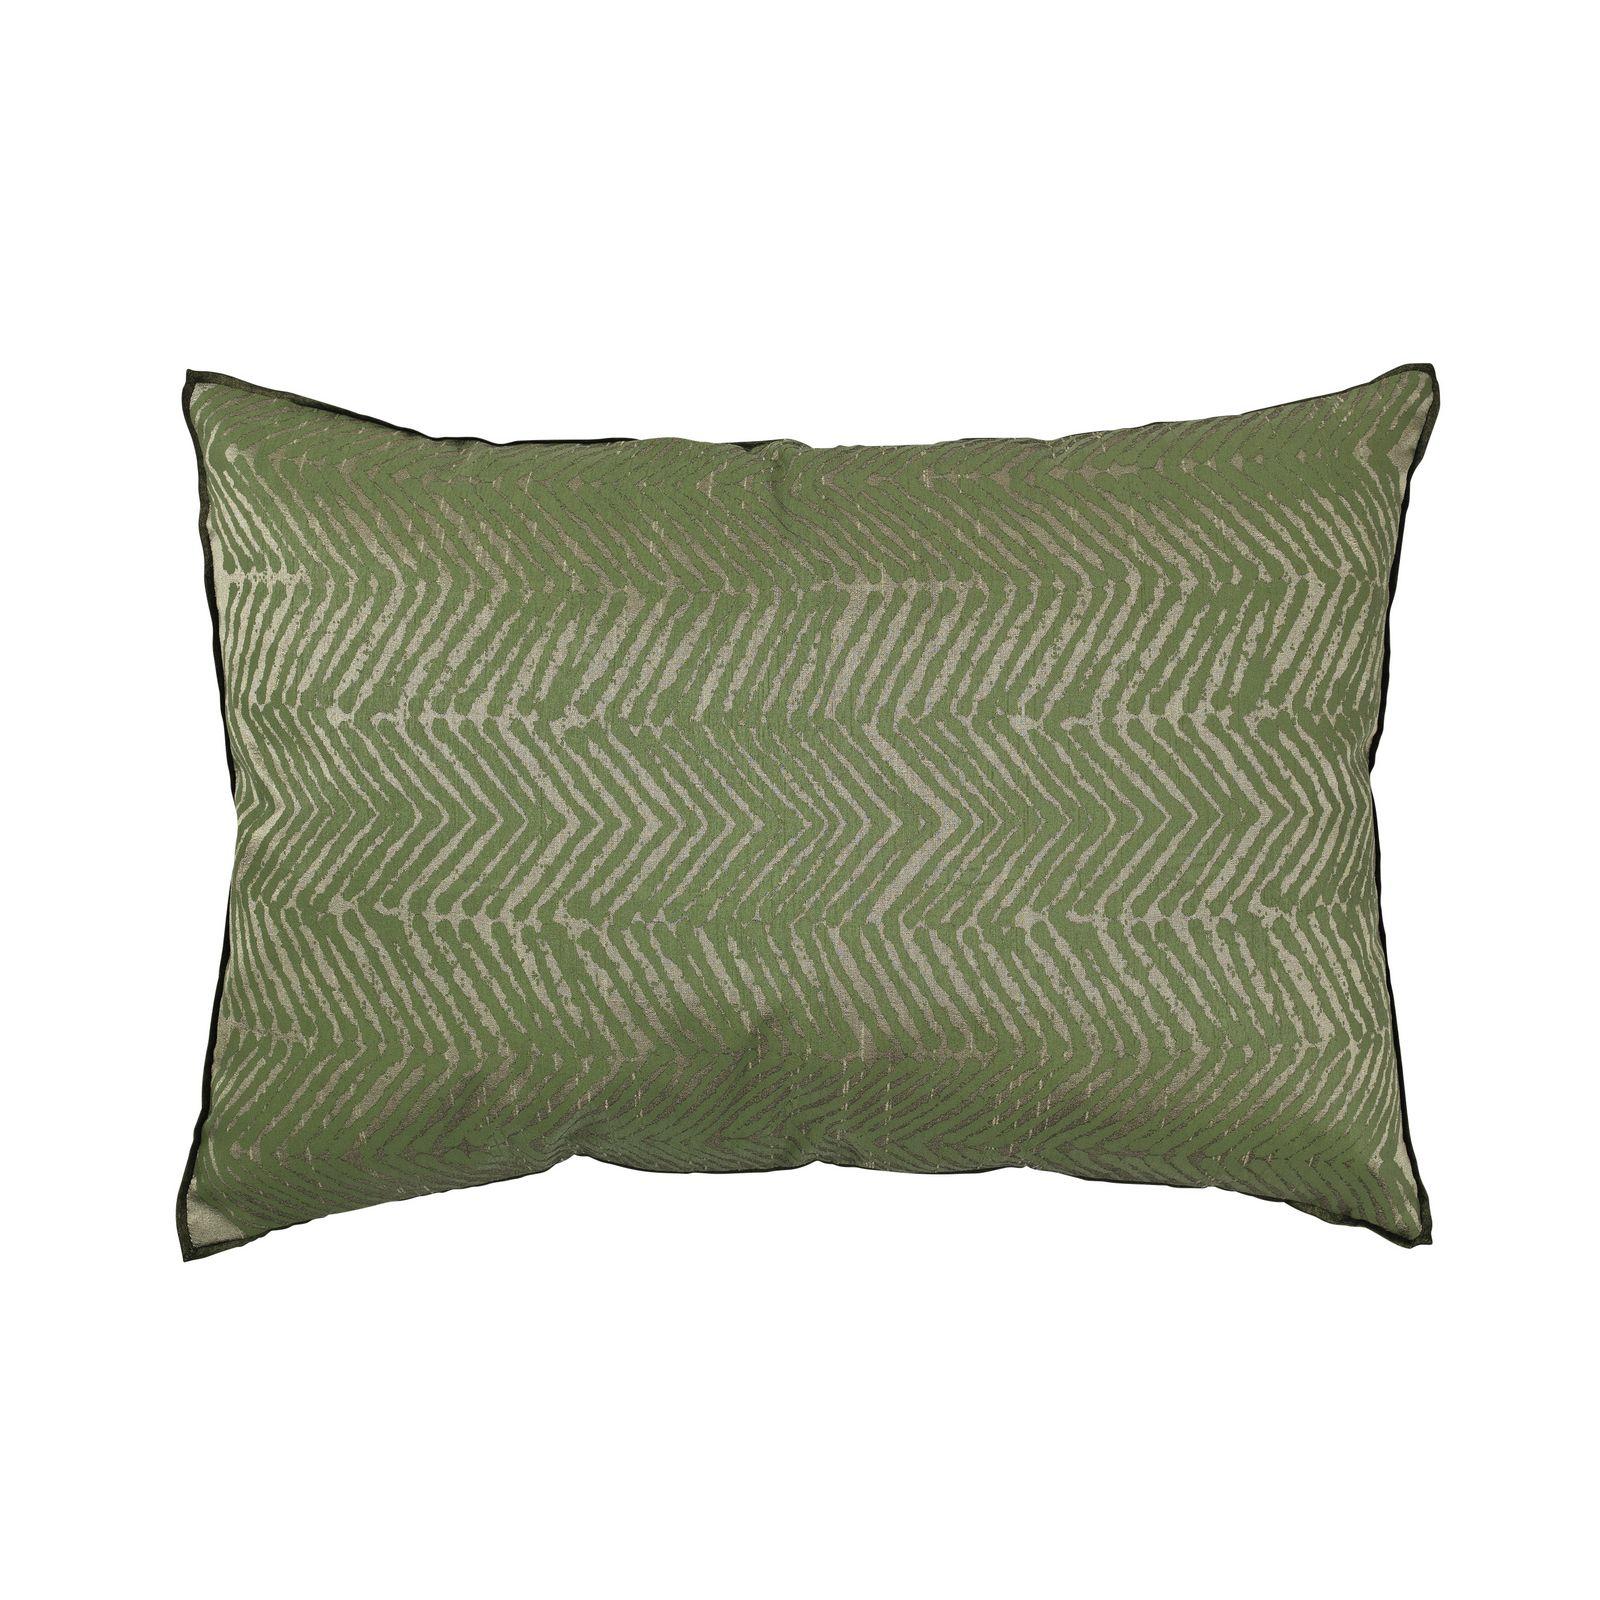 Наволочка декоративная Broste Herringbone, цвет: зеленый, 60х40 см. 7012069670120696Материал: 100% Полиэстер. Размер: Длина 60,ширина 40. Цвет: Зеленый. Машинная стирка при 30°. Broste Copenhagen — это больше, чем предметы декора для интерьера, это стиль жизни, которым компания щедро делится со всеми. Бренд был основан в Копенгагене в 1955 году и сразу заявил о себе высоким качеством материалов и уже ставшим культовым скандинавским стилем. Многие товары выполнены вручную, что придаёт им особенную неповторимость и качество. Традиционный скандинавский дизайн и современные тенденции производства – вот сочетание, заложенное в основу успешности этого старинного датcкого бренда.